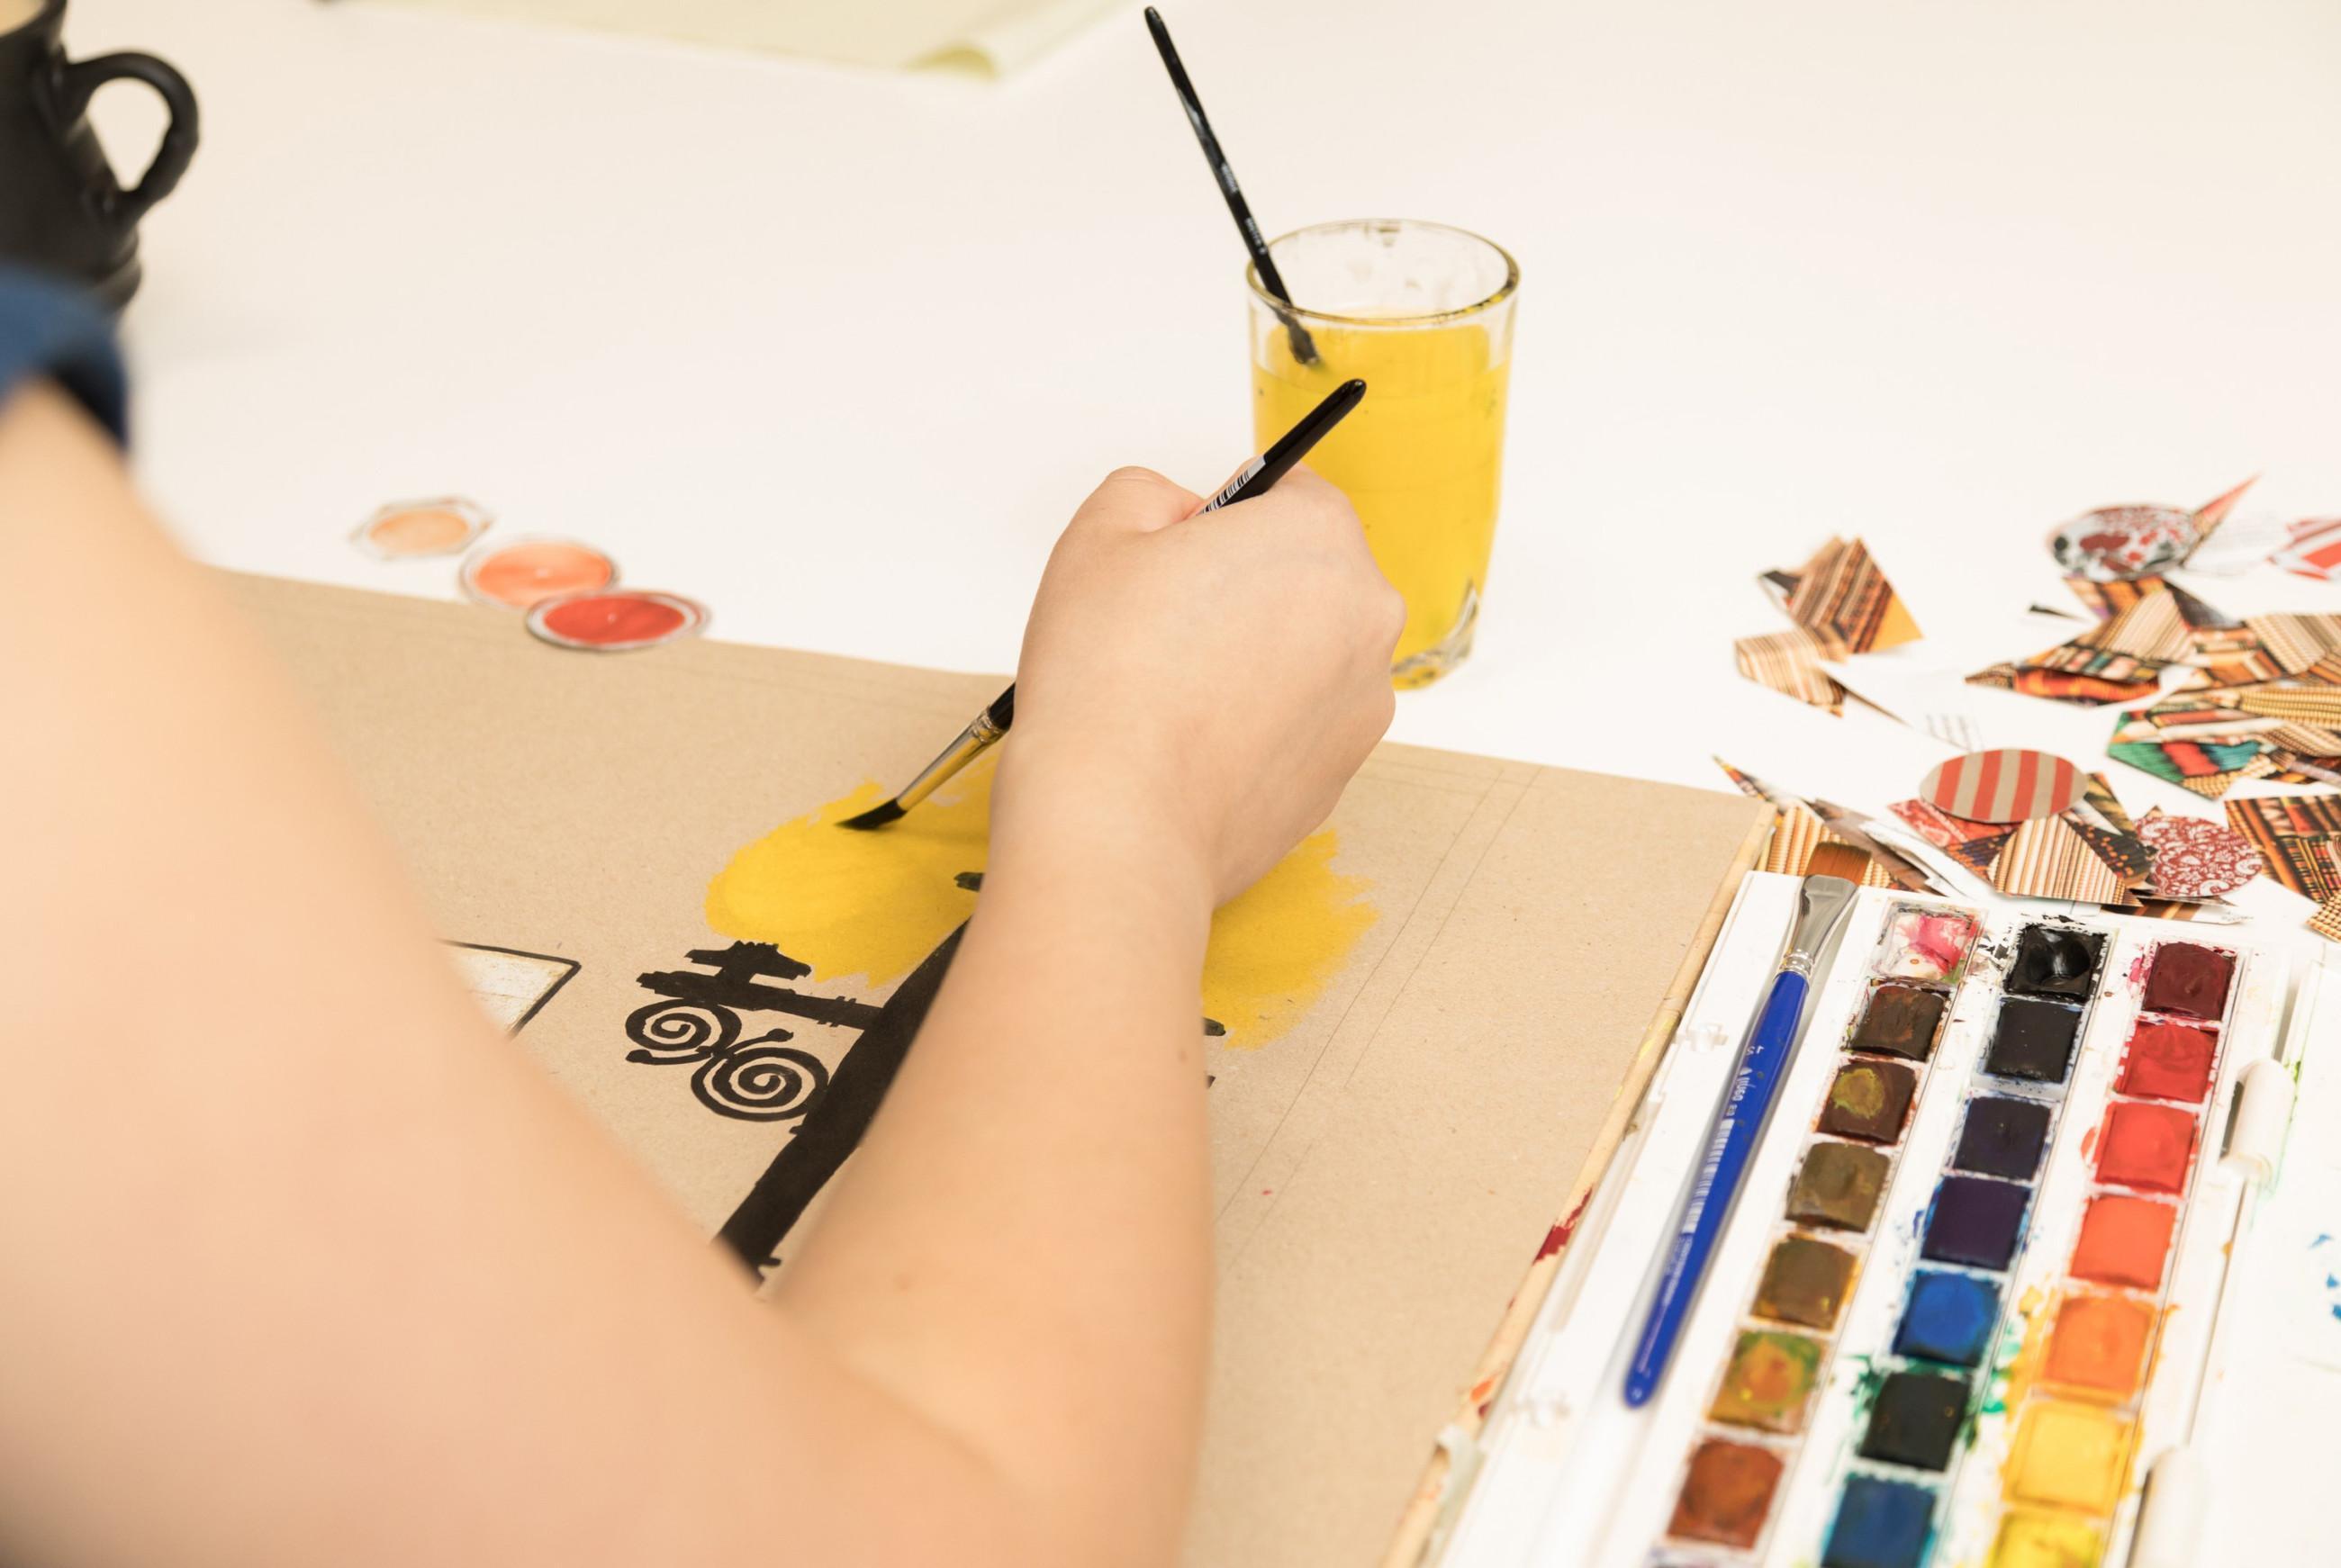 Lähikuva henkilöstä, joka maalaa siveltimellä teosta, pöydällä myös vesiväripaletti.